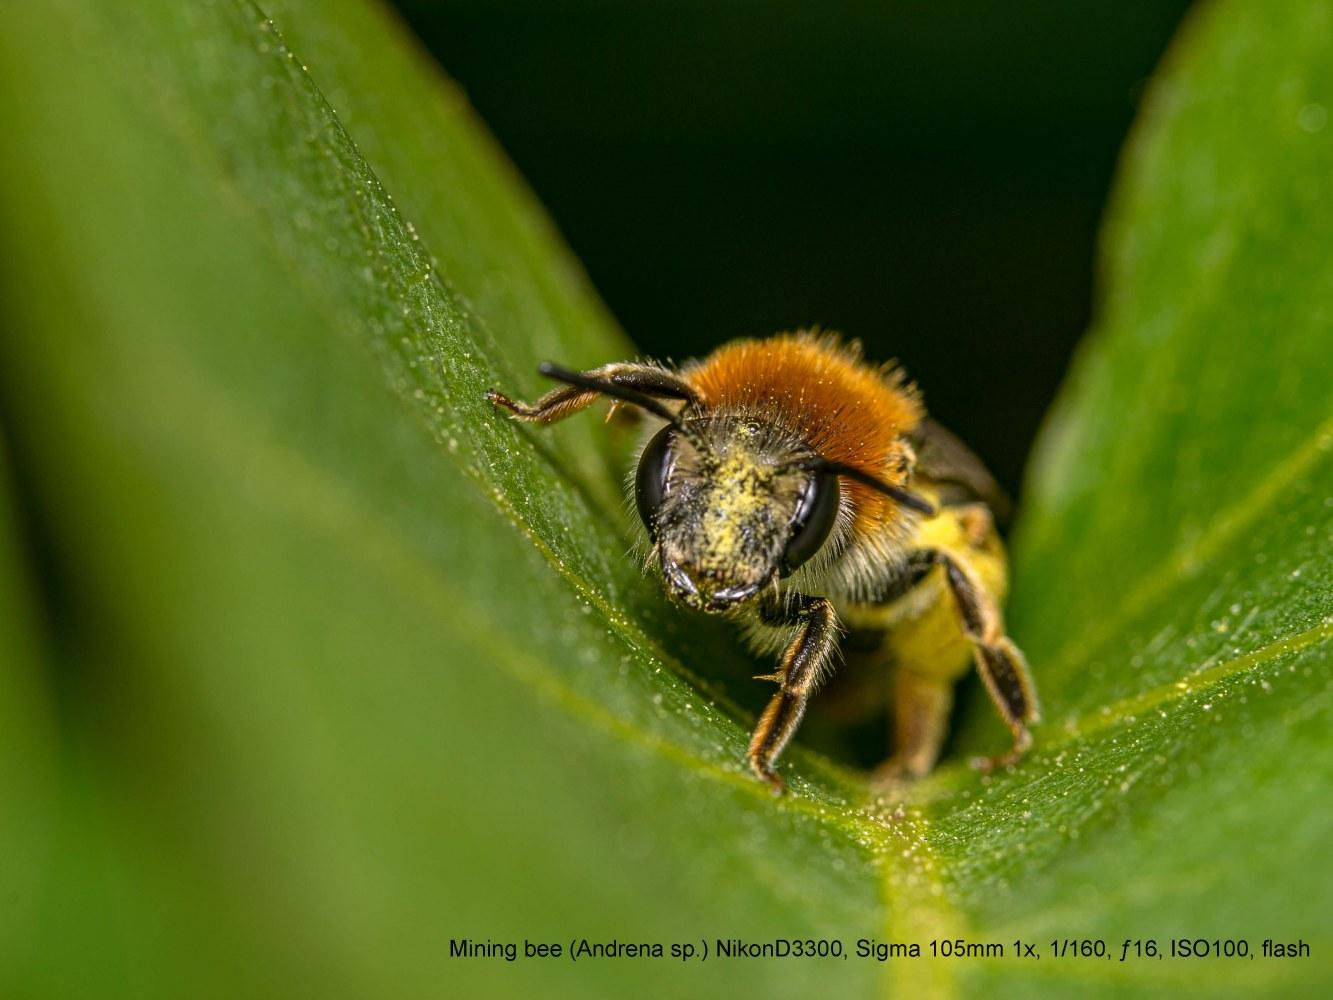 mining-bee-Andrena-sp.